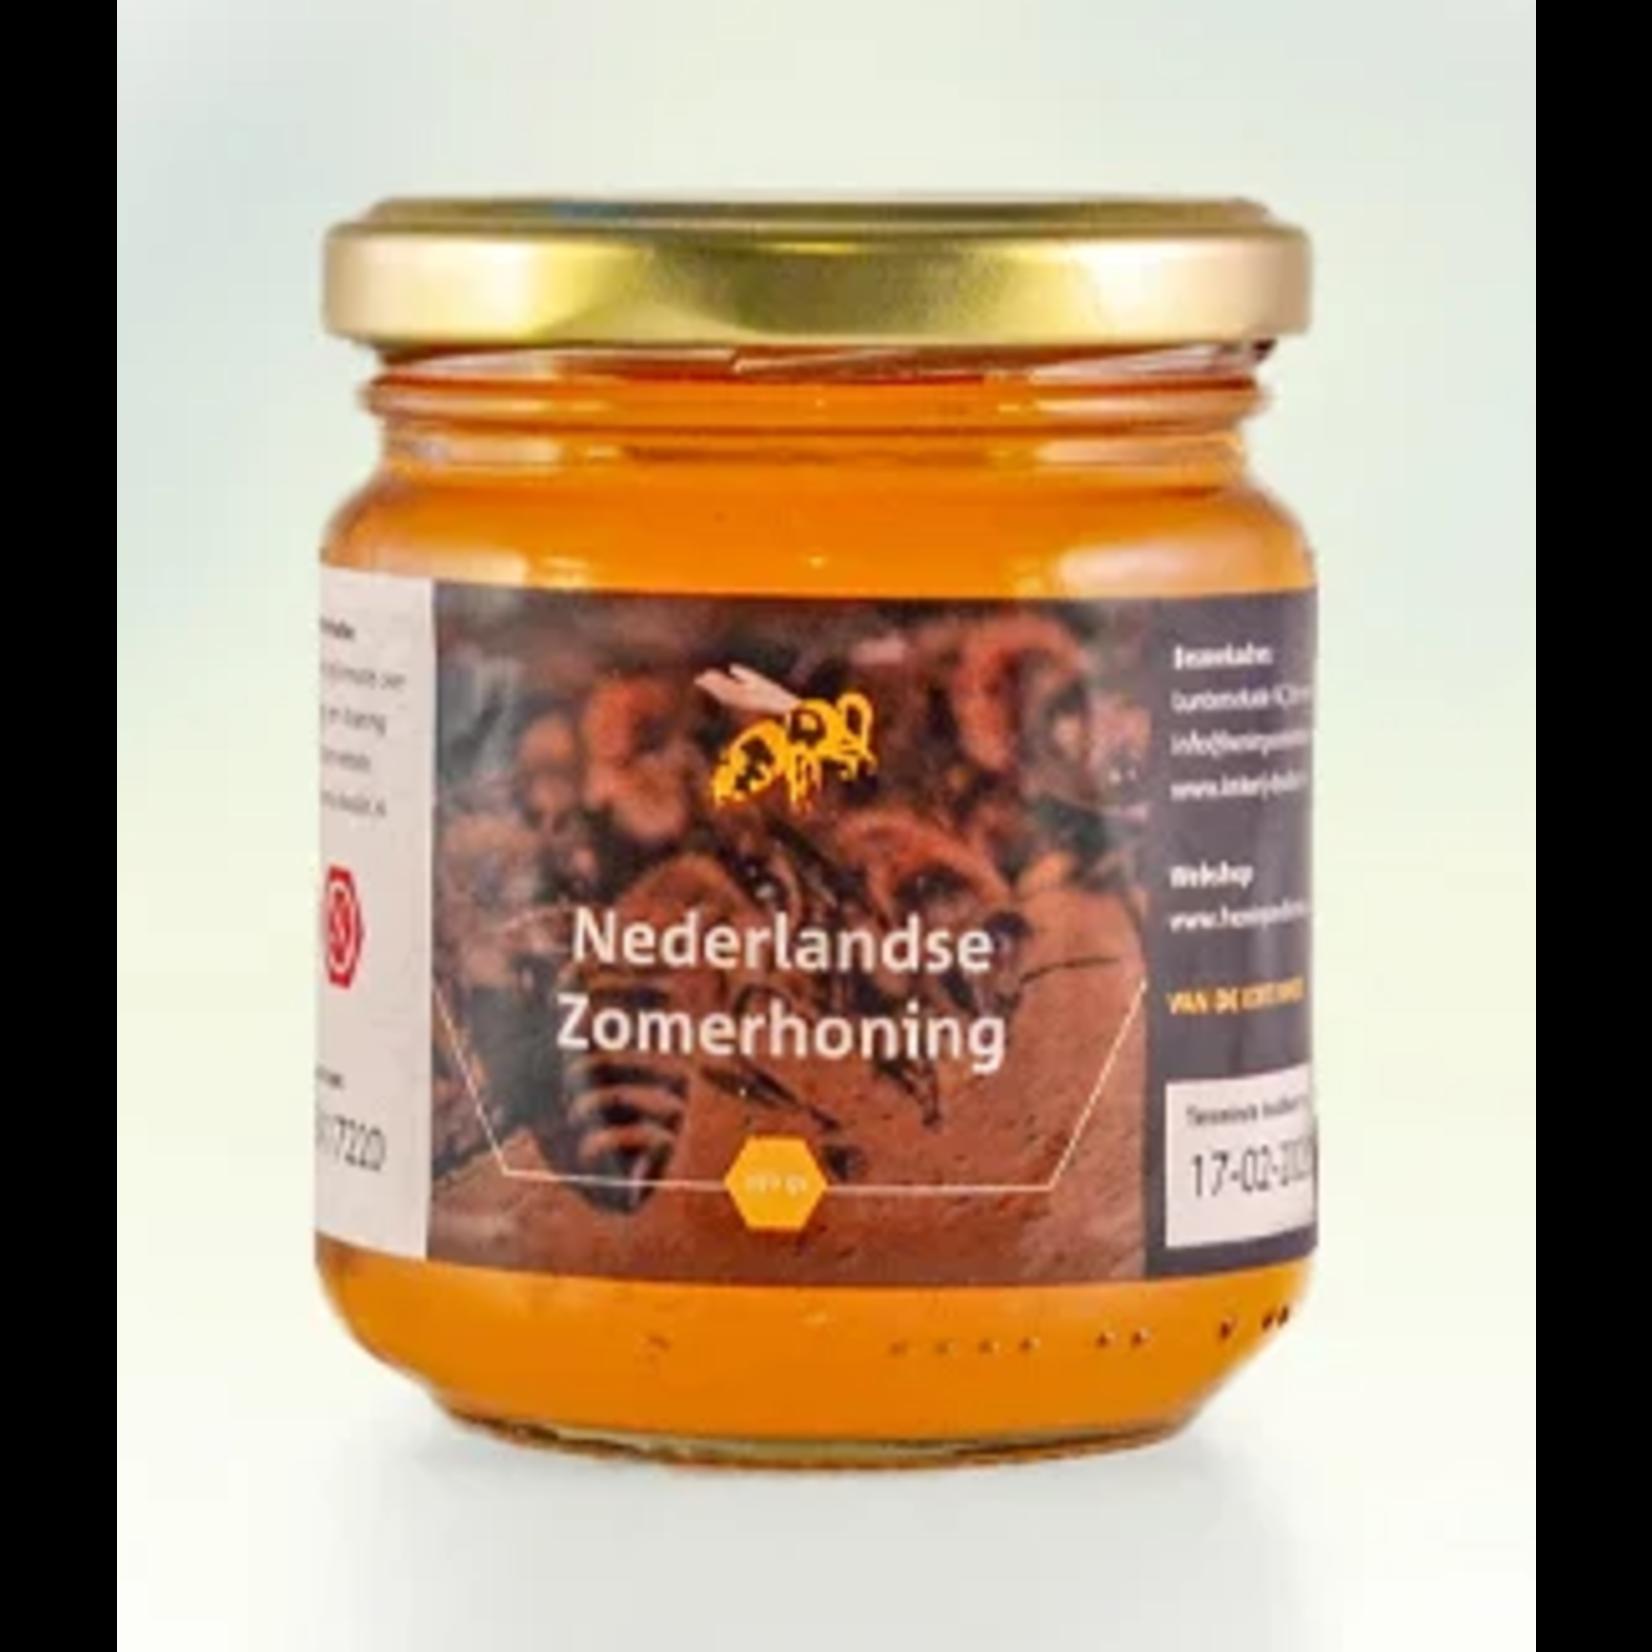 Bloemen (zomer) Honing - Imkerij de Vallei